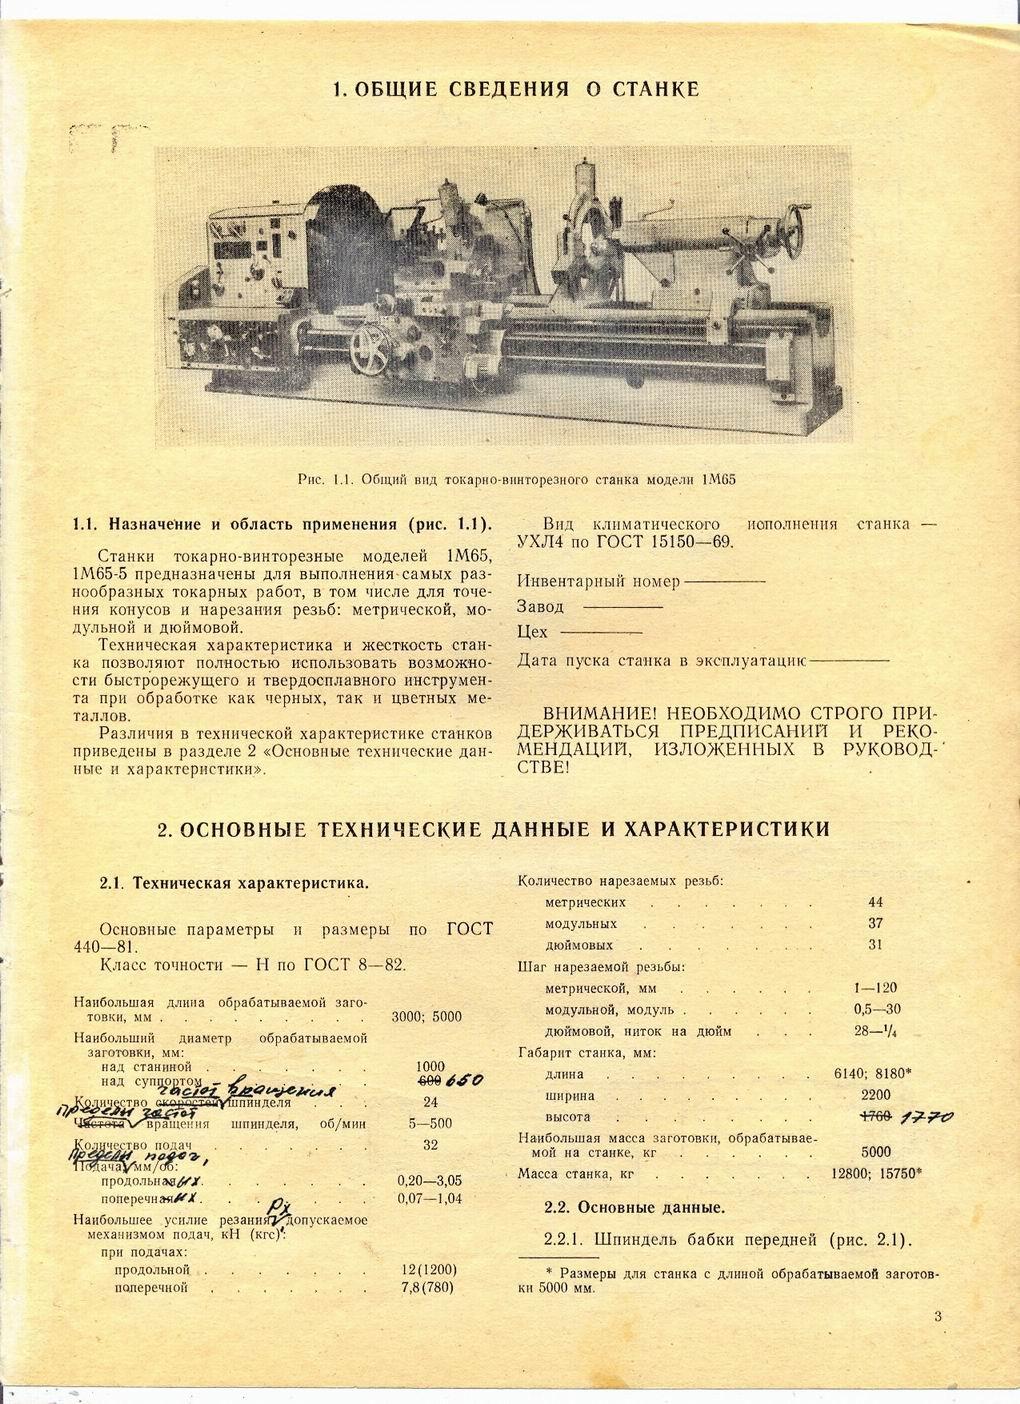 Токарный станок 1п611: технические характеристики, схемы, паспорт